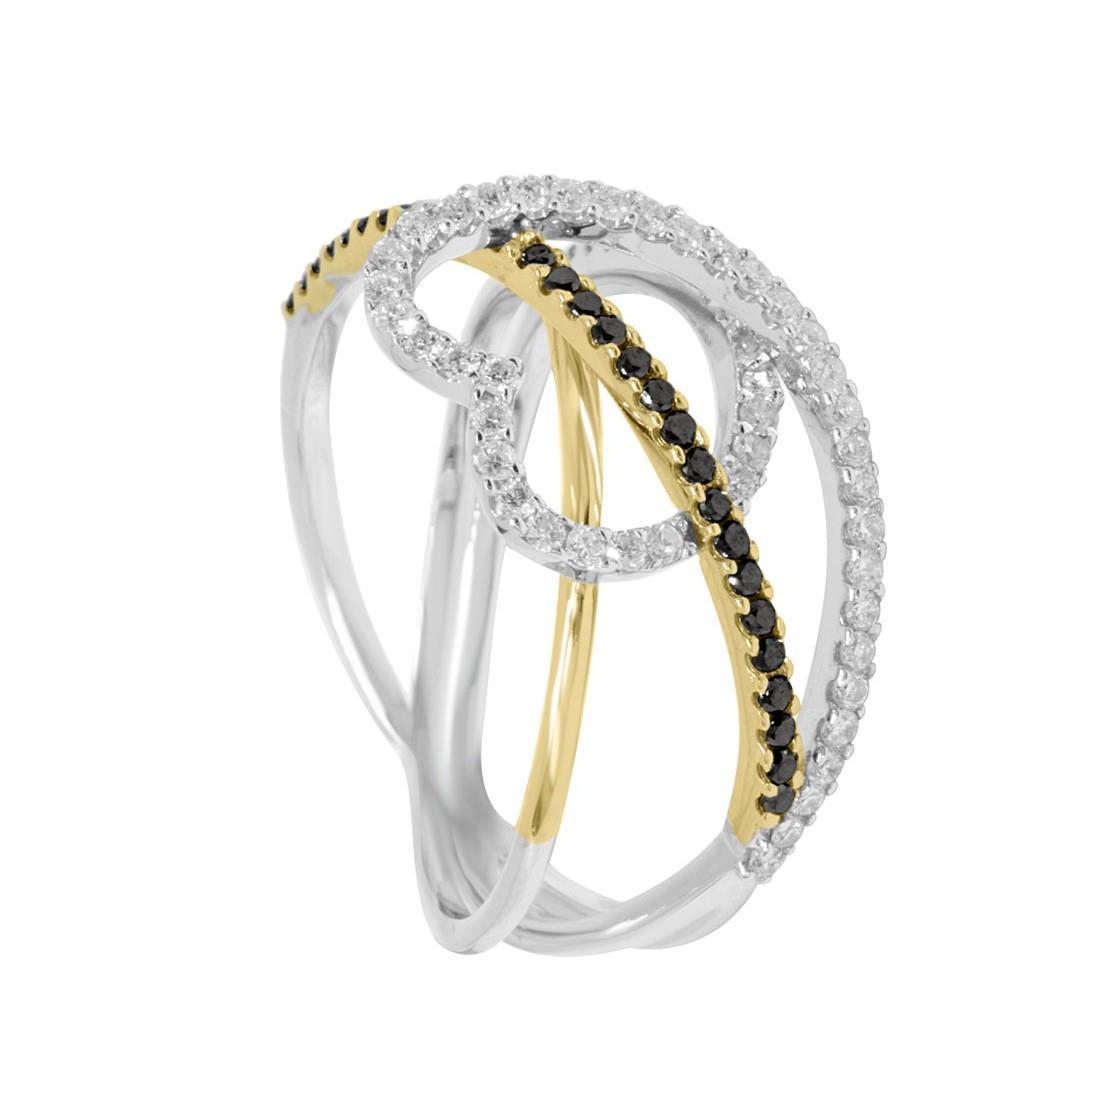 Anello Alfieri & St John in oro bianco e giallo con diamanti bianchi ct 0,30 - ALFIERI ST JOHN